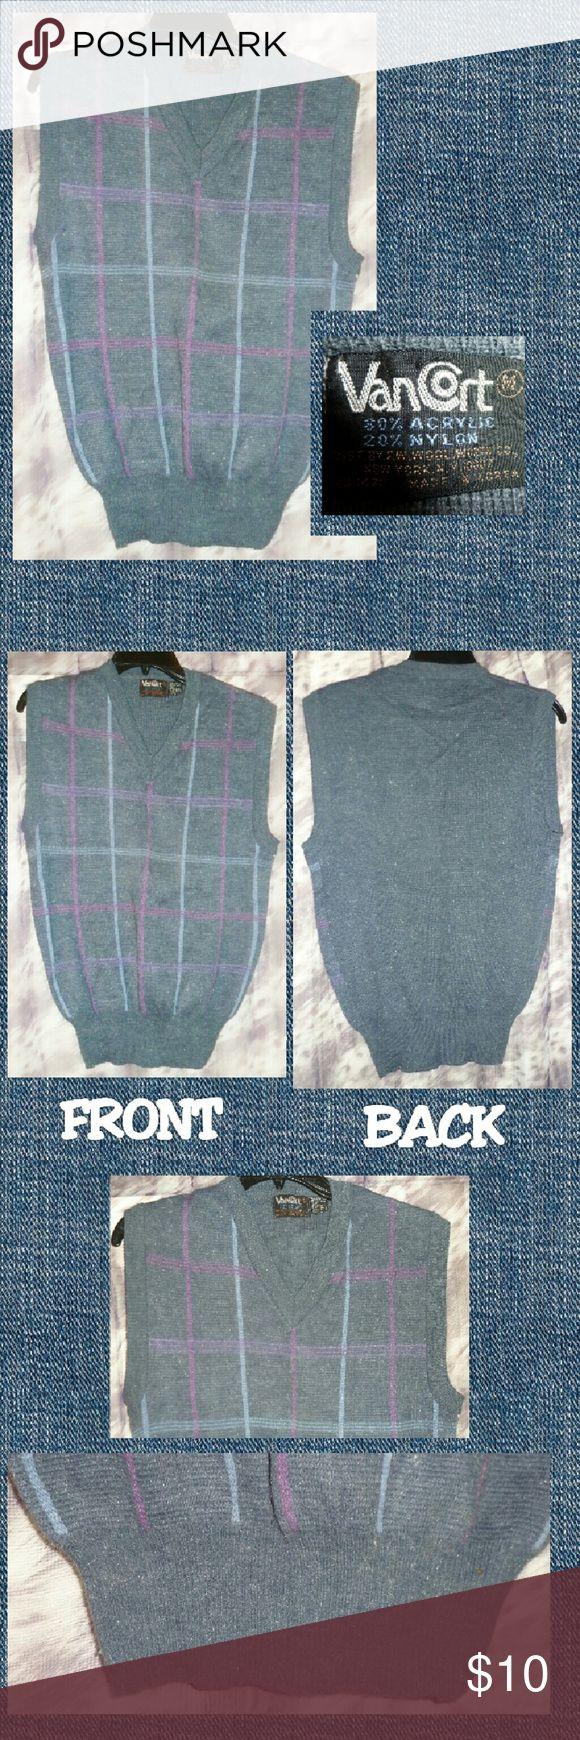 Selling this Lt.Gray Checkered V-Neck Sleeveless Vest Sz Medium on Poshmark! My username is: gothicbluecj. #shopmycloset #poshmark #fashion #shopping #style #forsale #Van Cort #Other